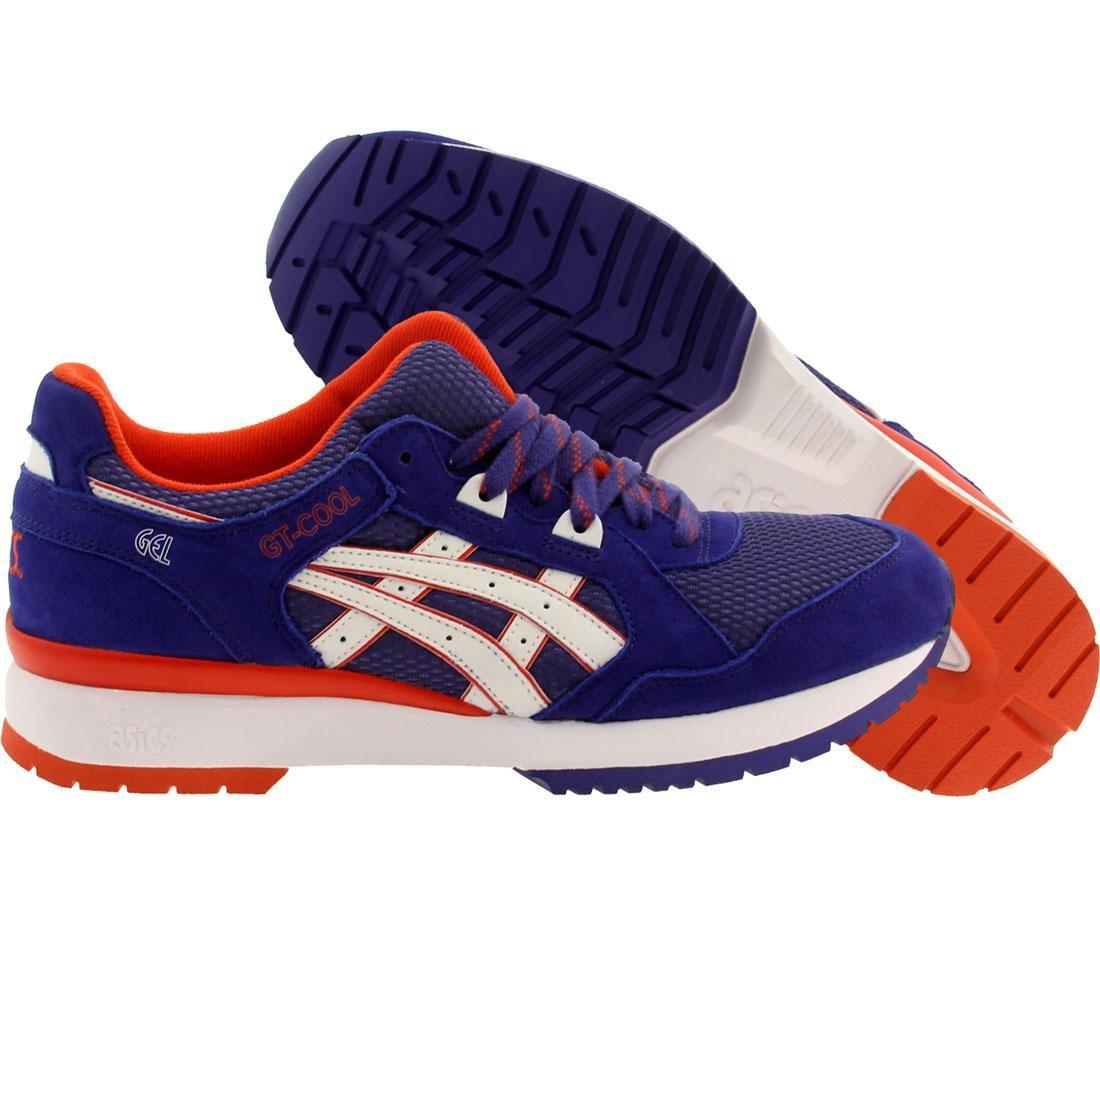 【海外限定】アシックス 青 ブルー メンズ靴 靴 【 ASICS BLUE TIGER MEN GTCOOL DARK WHITE 】